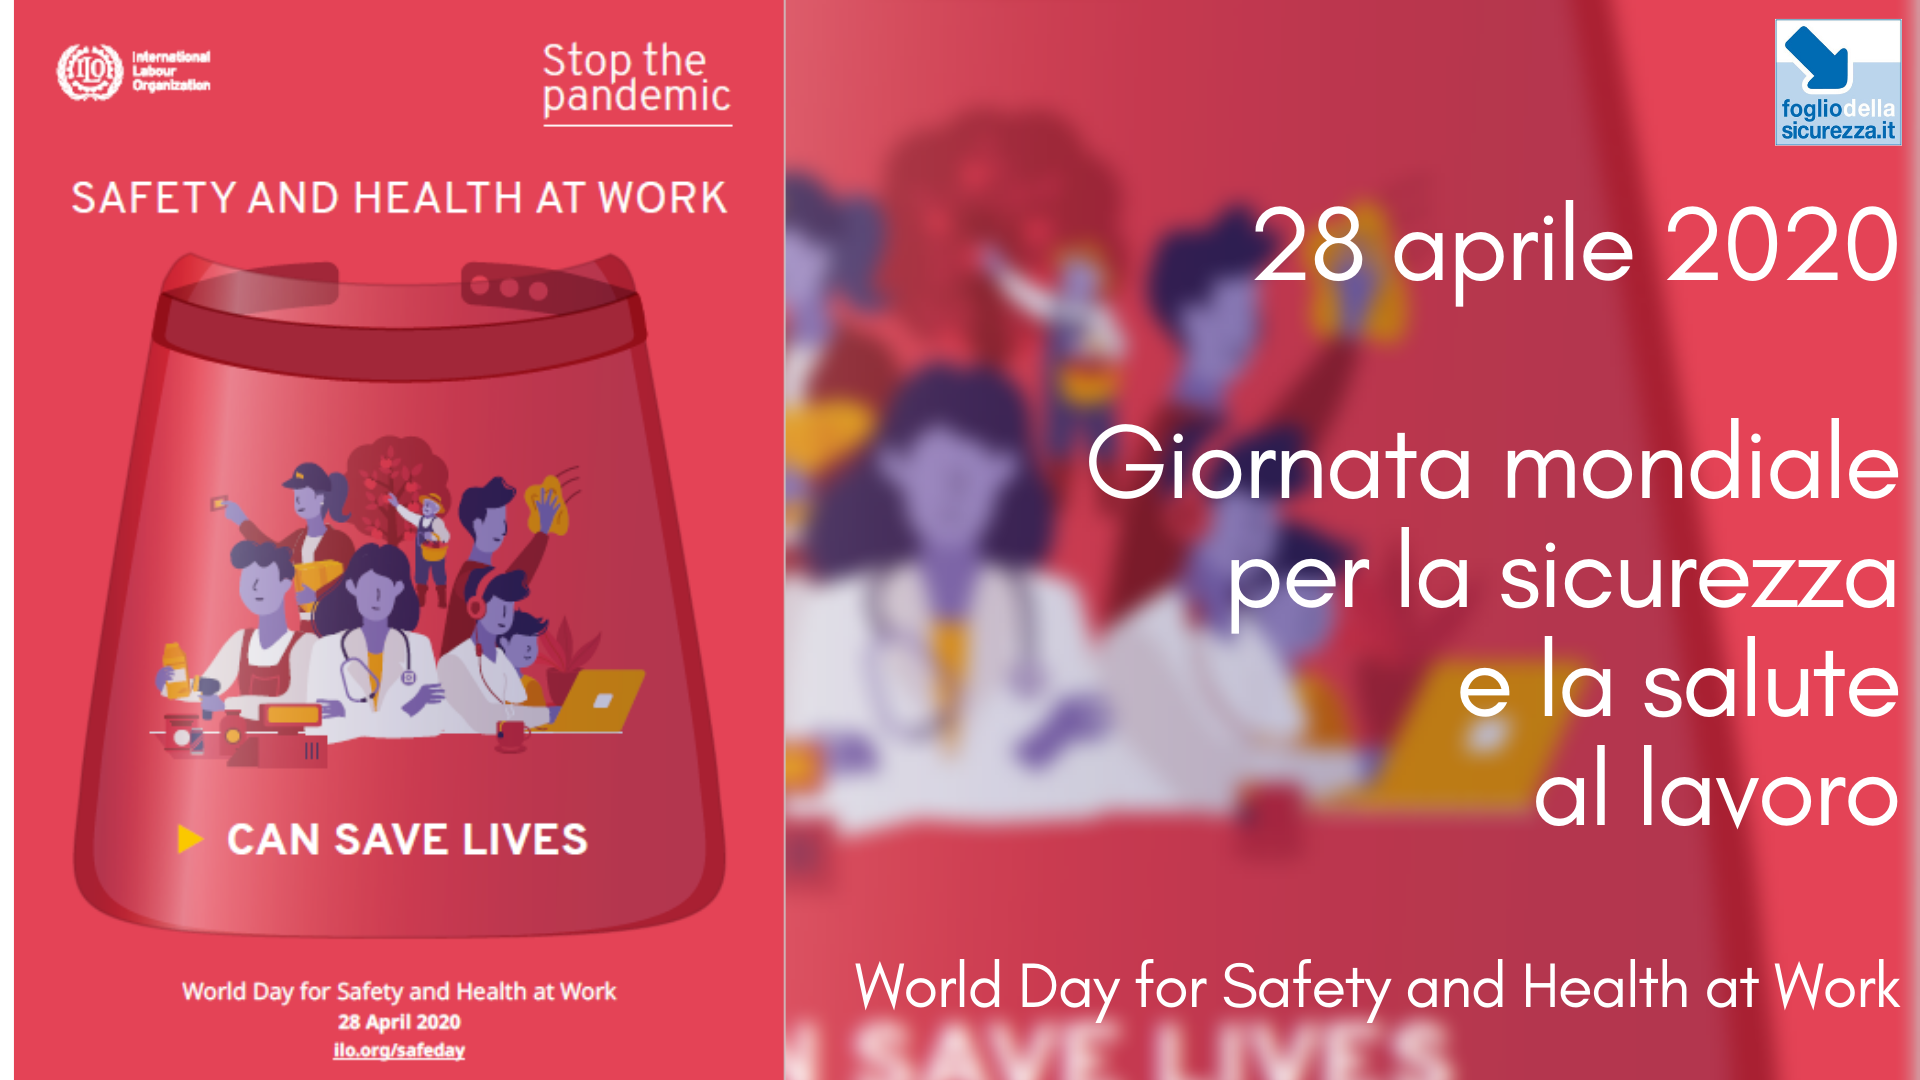 Giornata mondiale per la sicurezza e la salute al lavoro